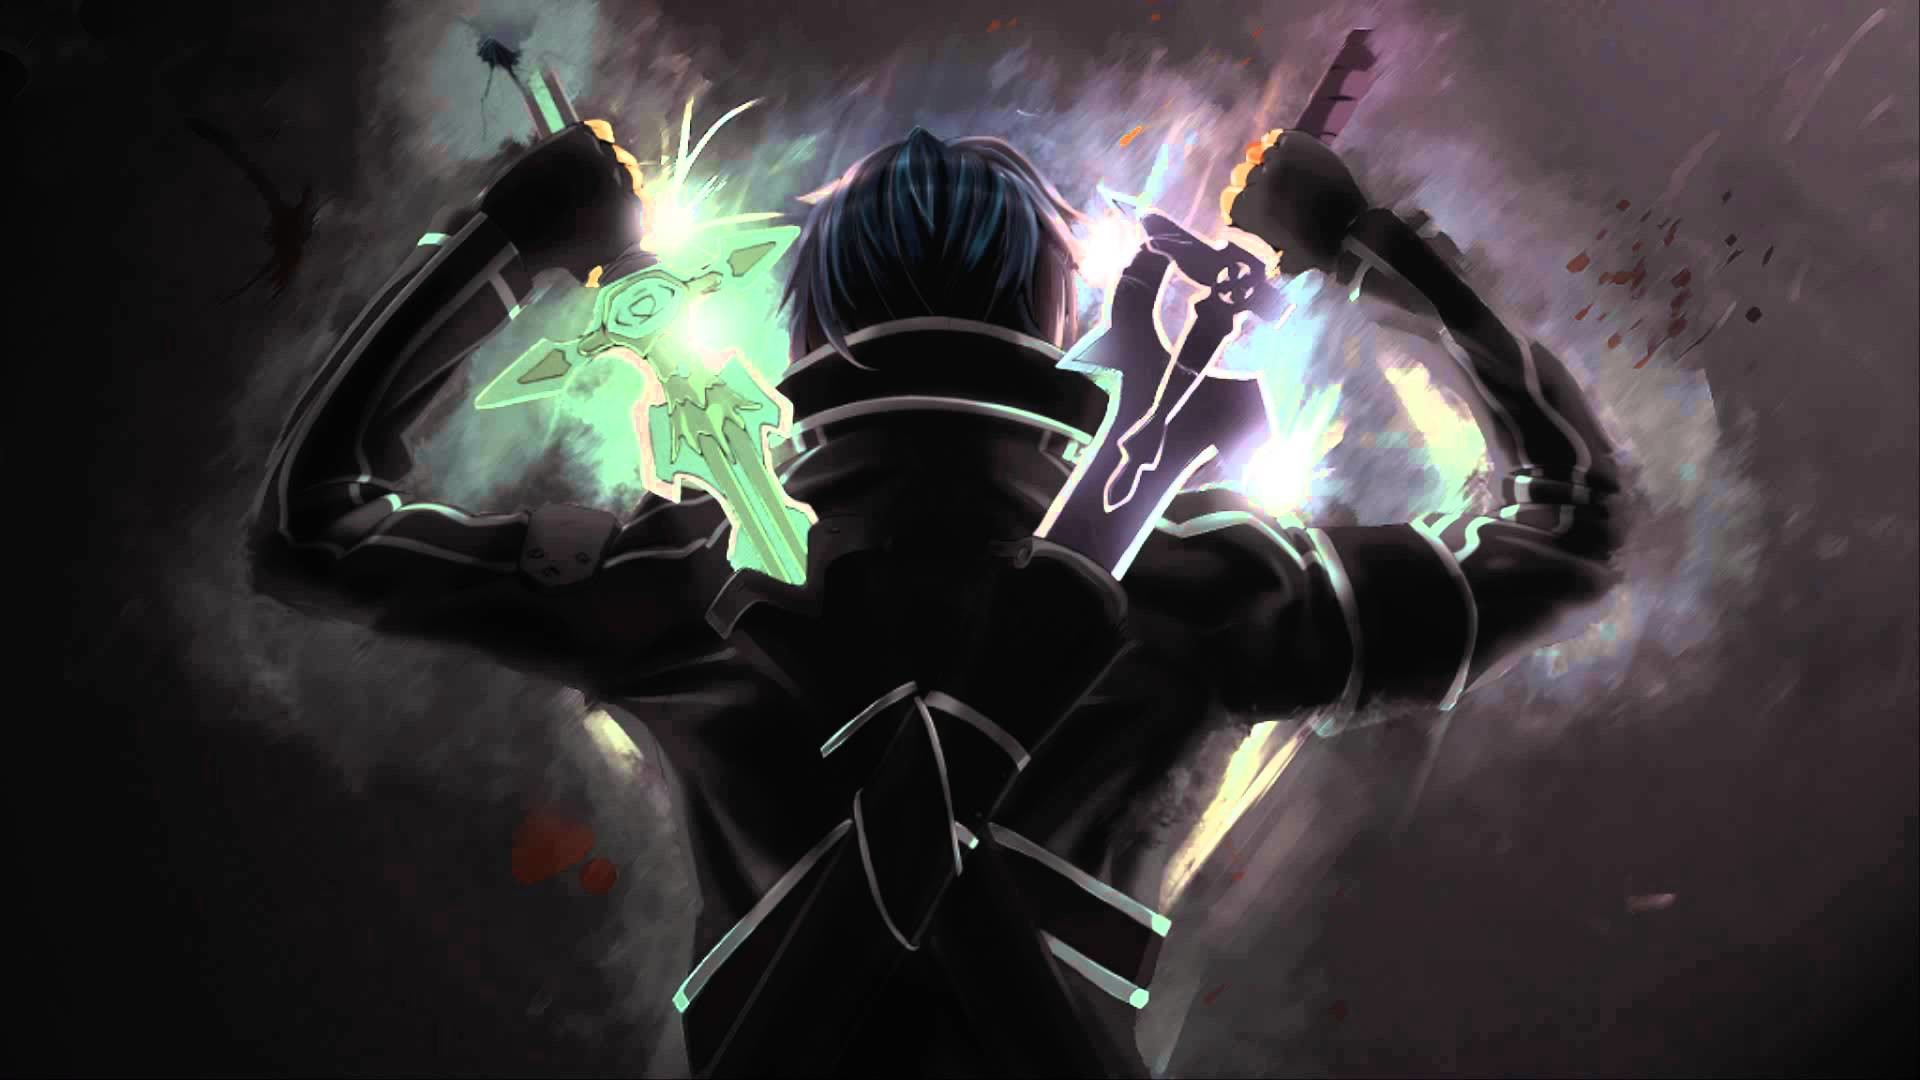 Anime Sword Art Online Wallpapers Desktop Phone Tablet